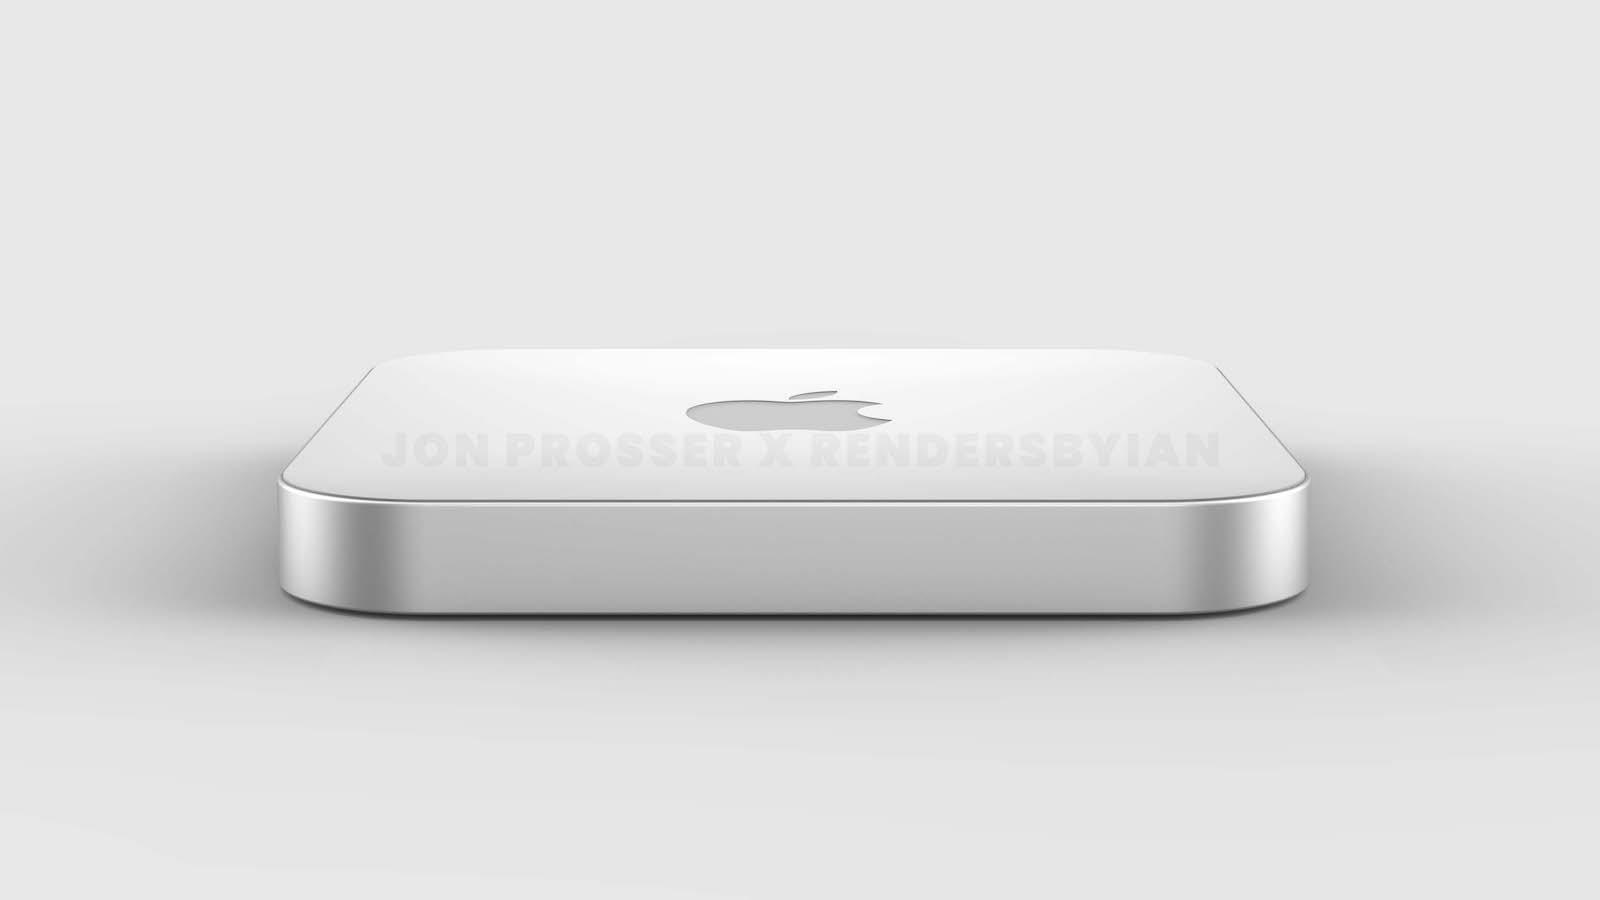 mac-mini-front.jpg